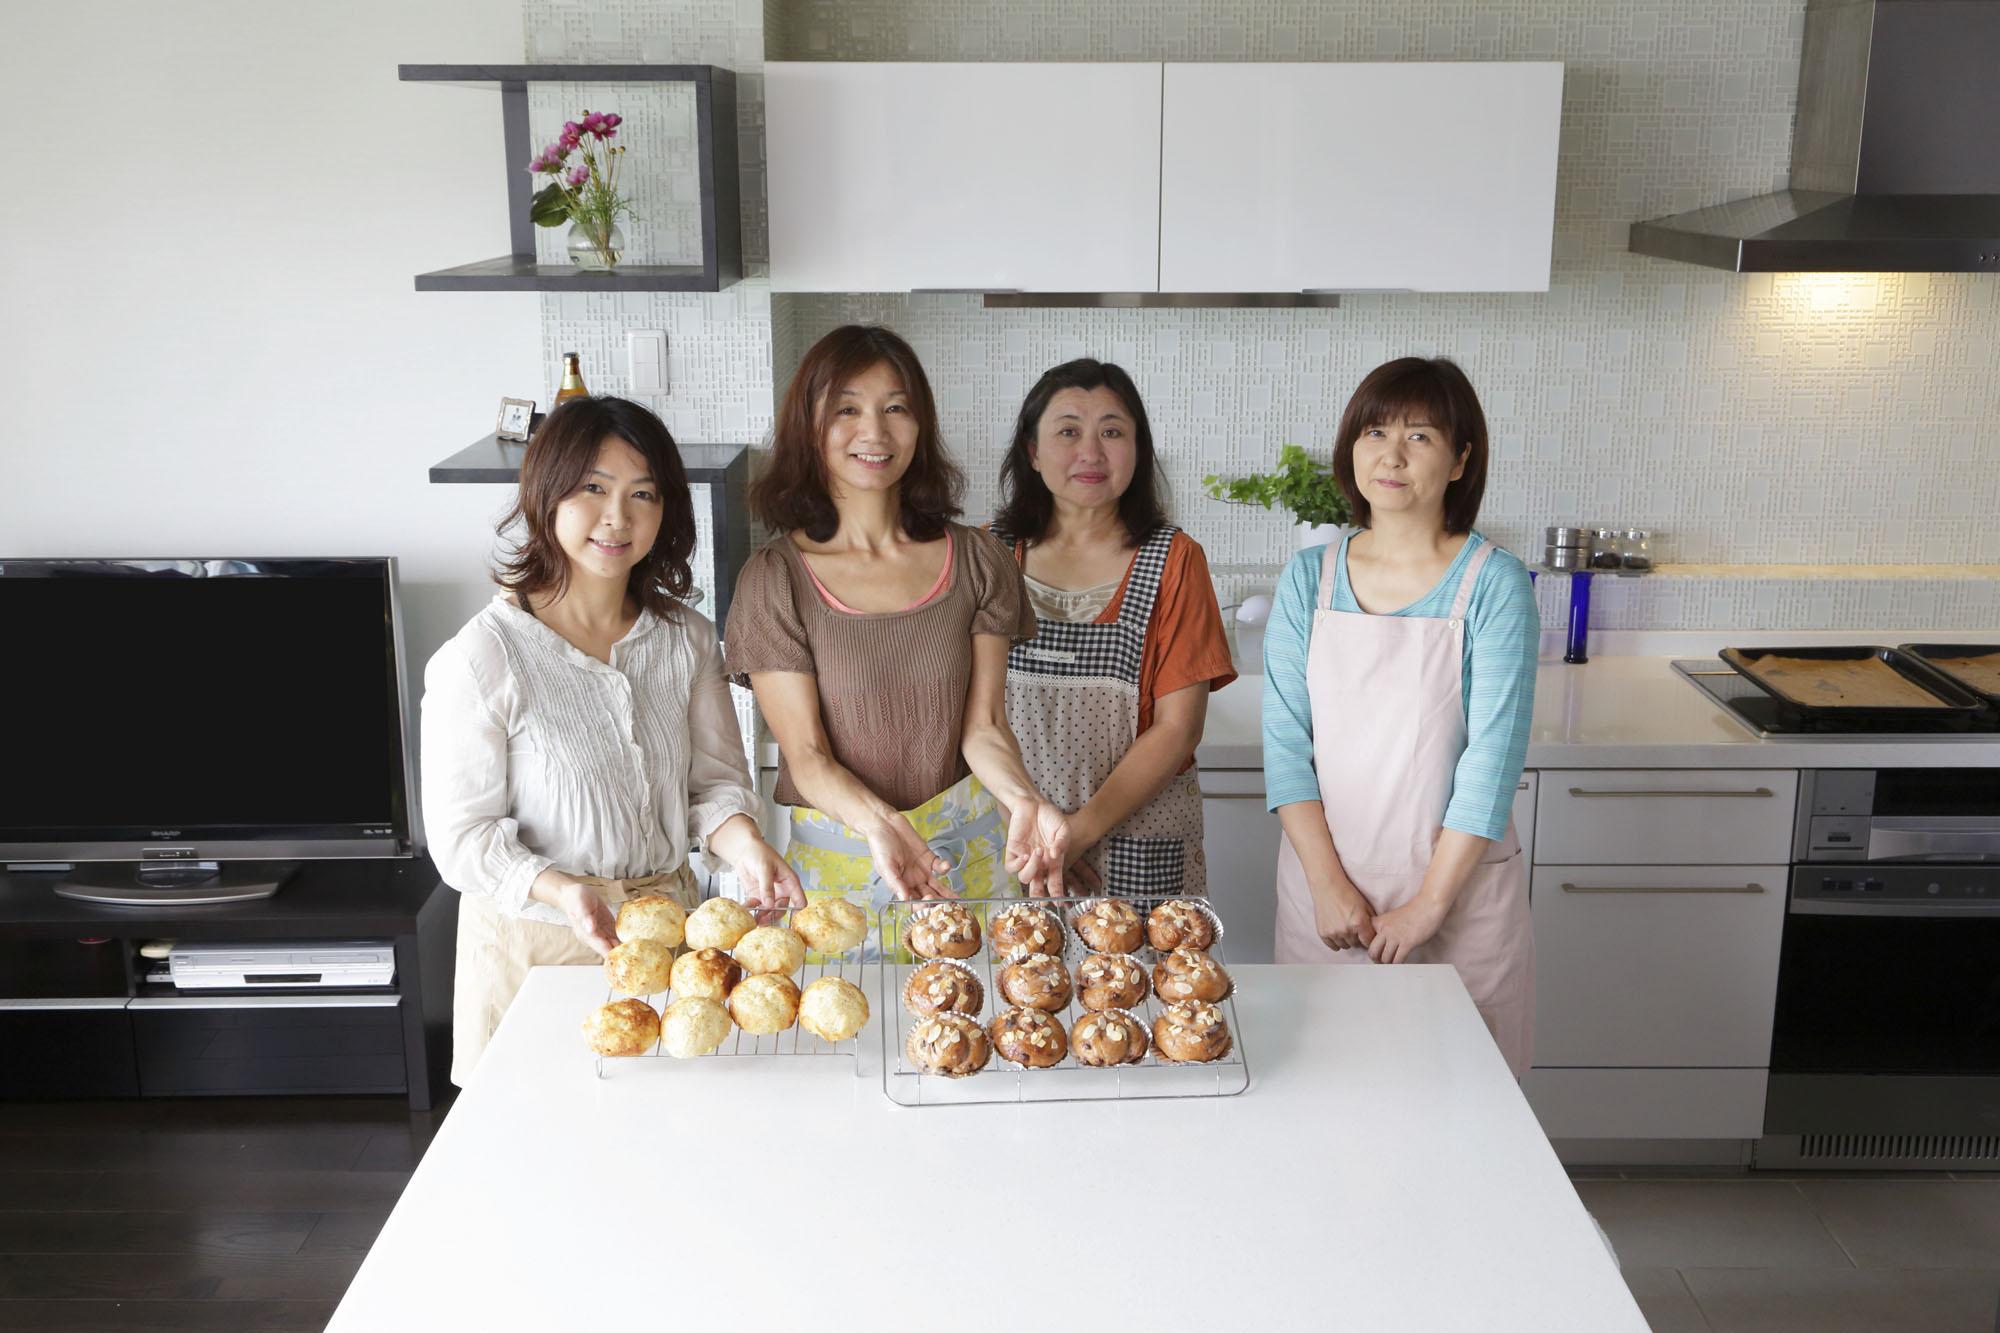 キッチン空間に笑顔がひろがります。の写真